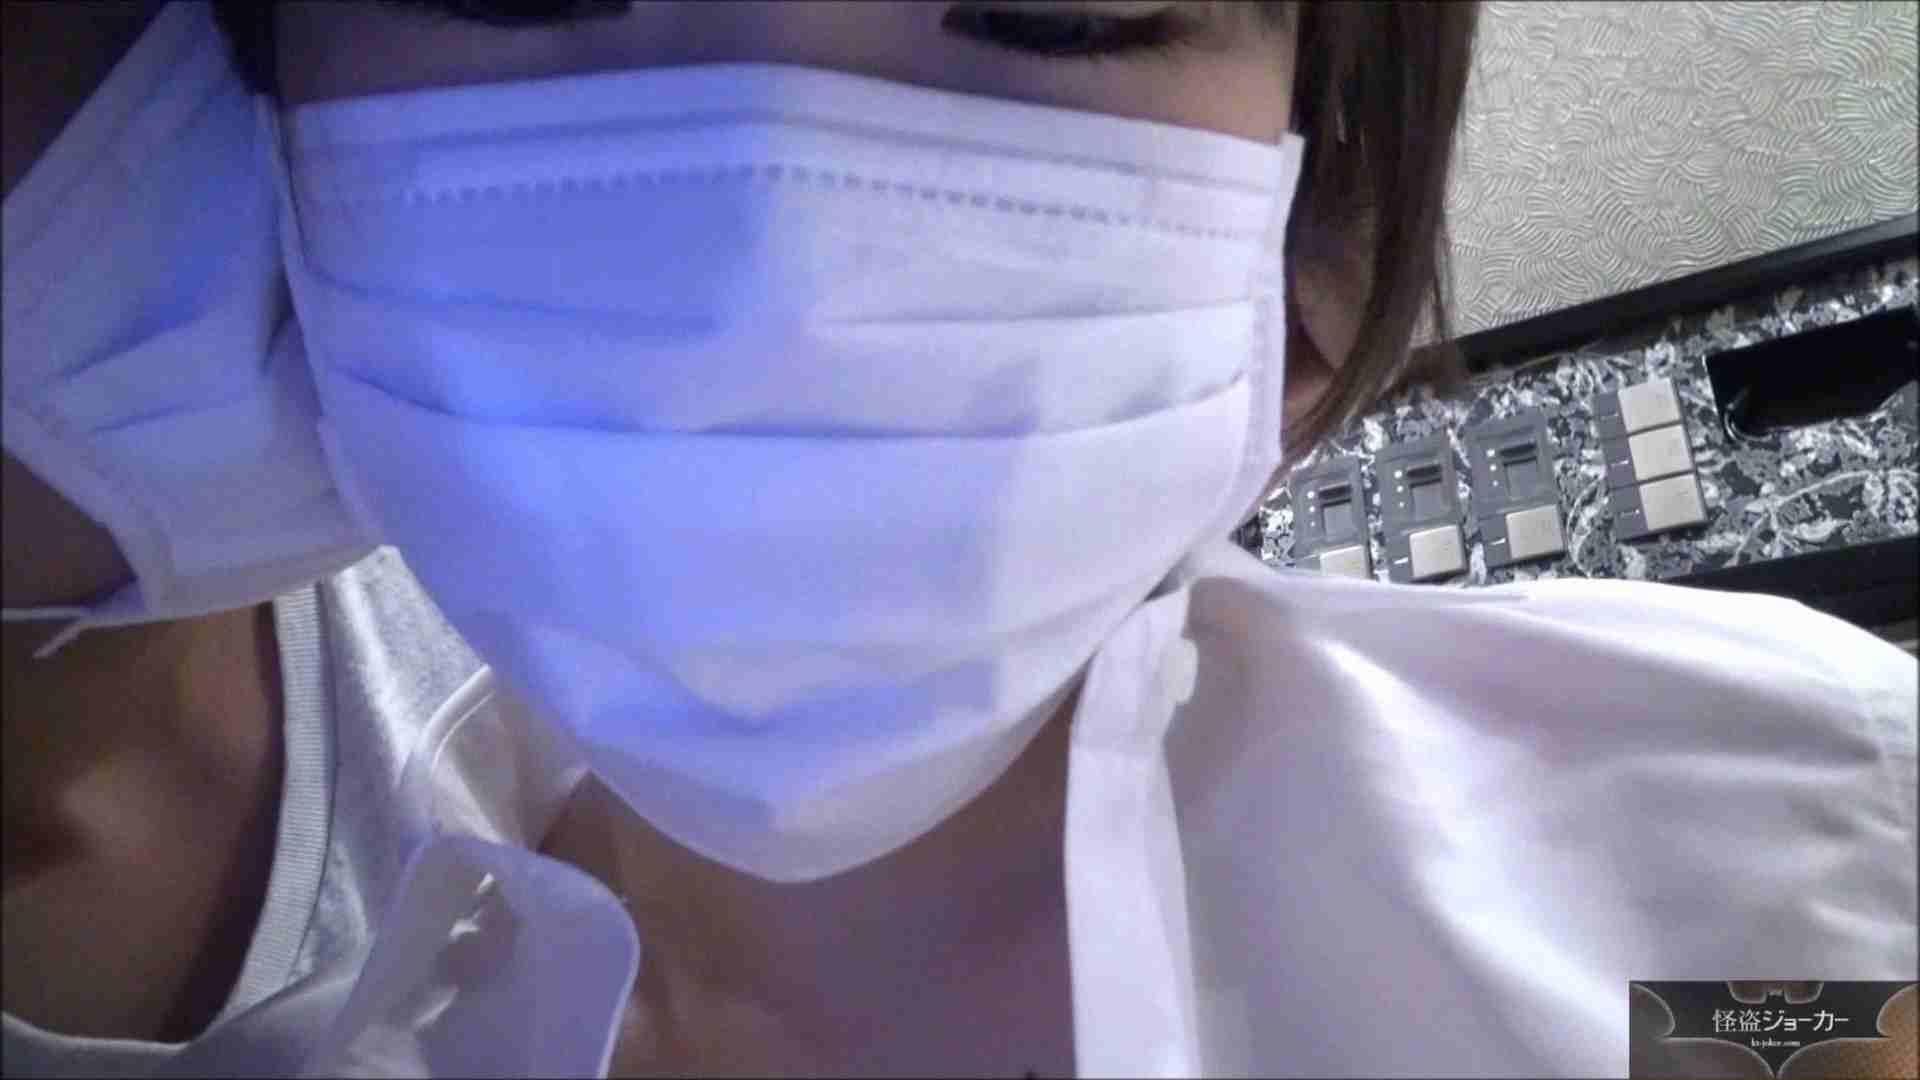 vol.1 マスク絶対条件の清純派「自営系」♪ 色っぽいOL達  72pic 36